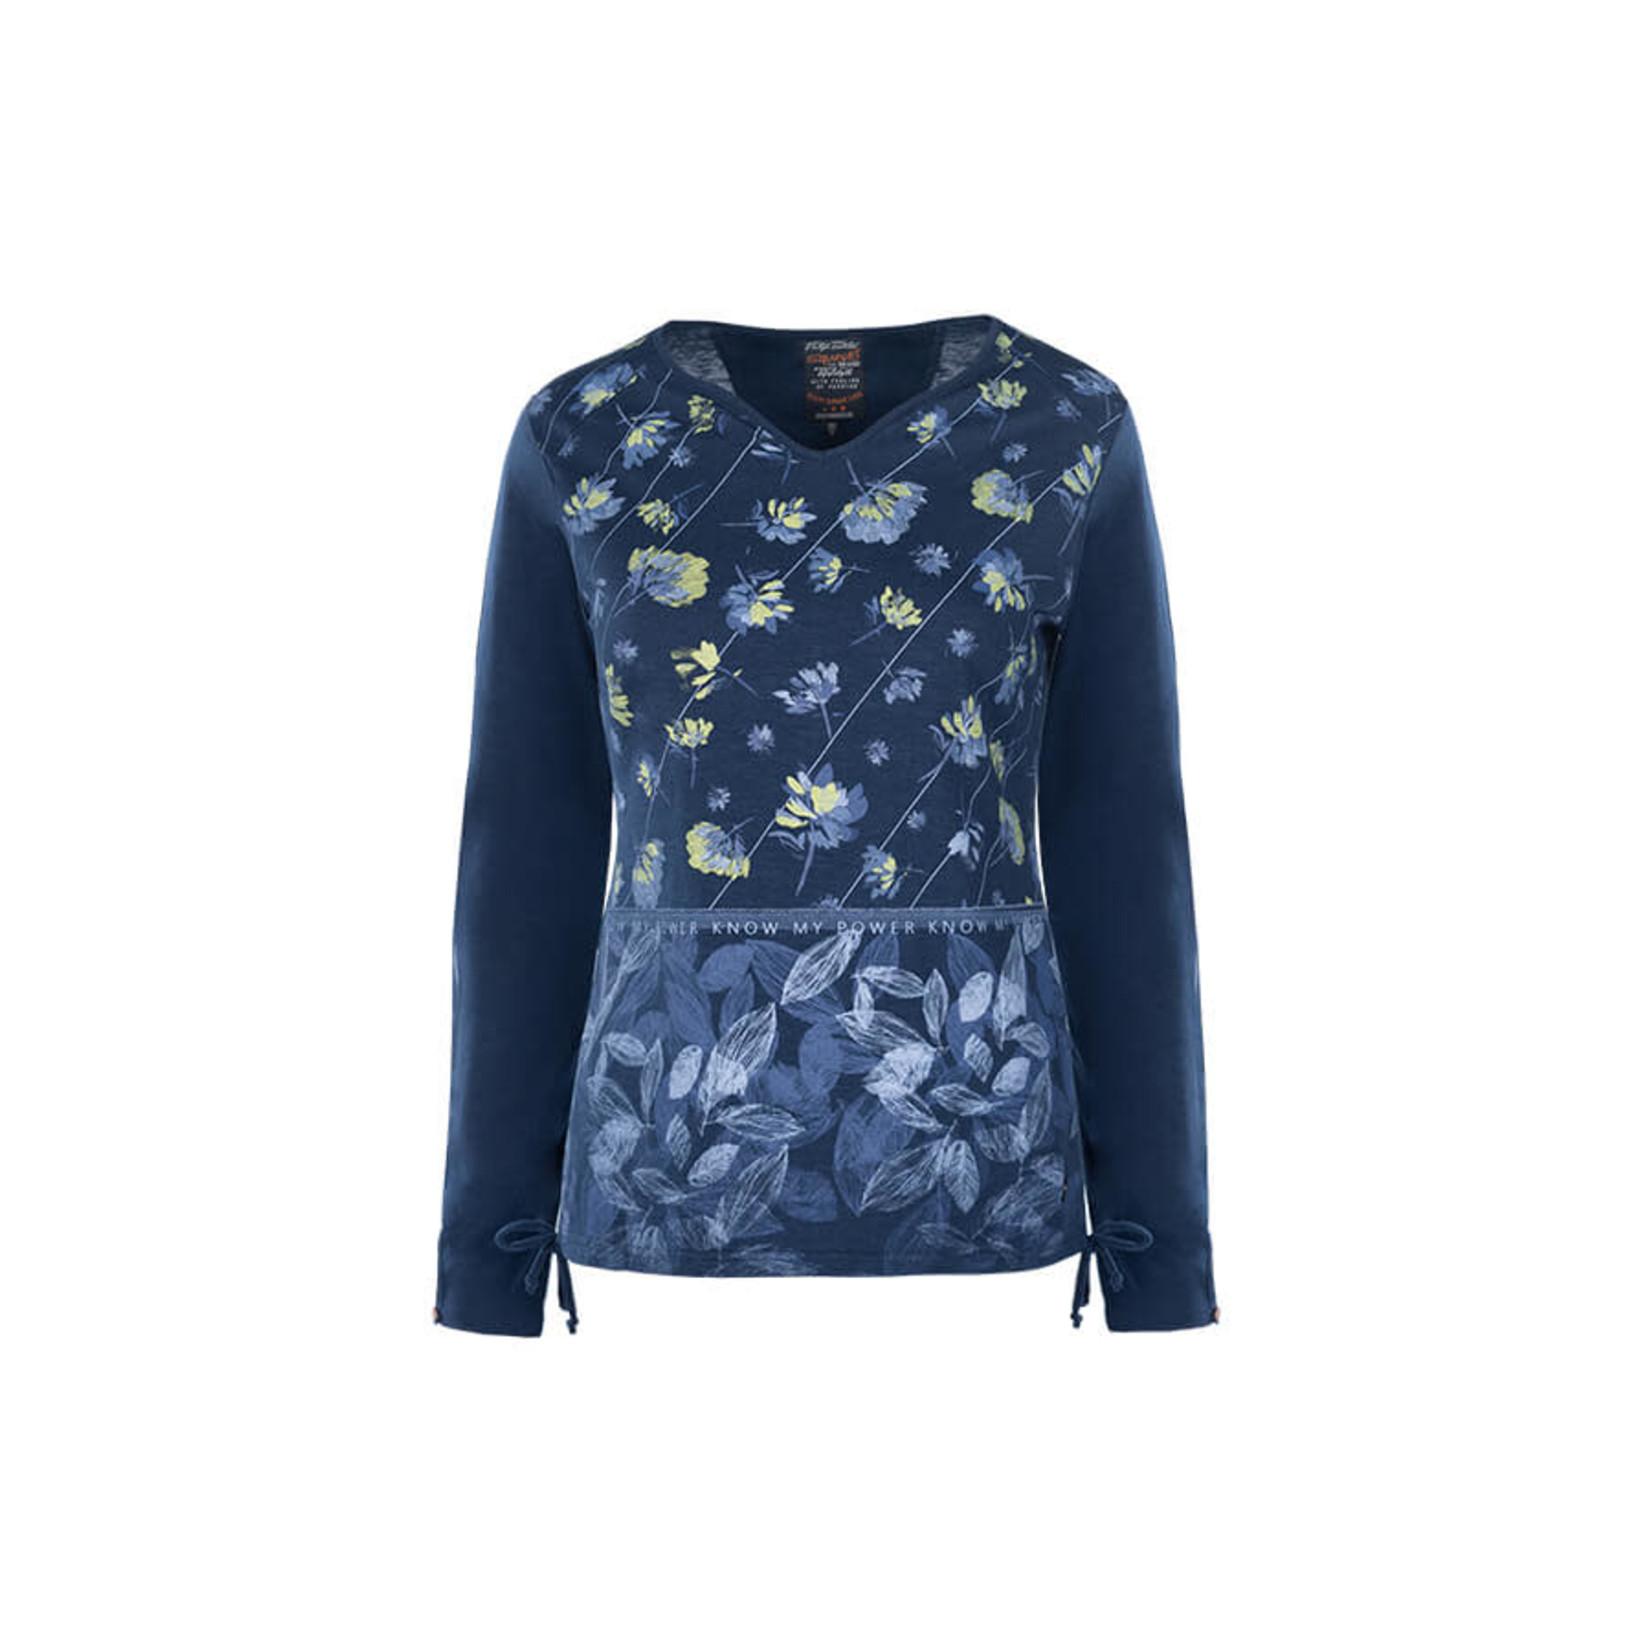 Soquesto Soquesto shirt maze bleu 6180-501743